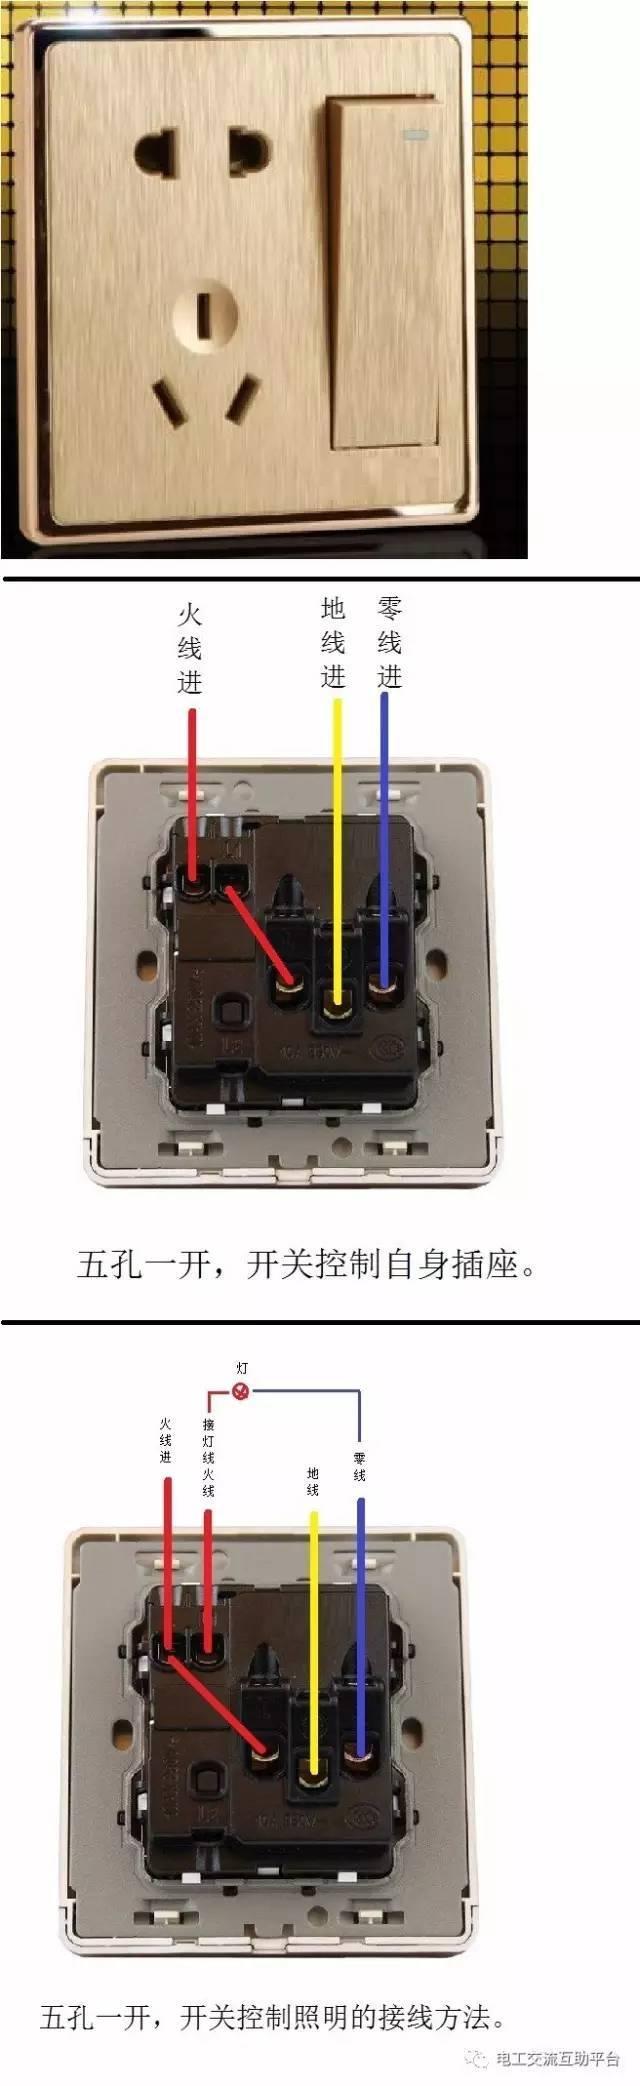 6,声控开关接线图(触摸延时,光控开关,红外感应开关,接线差不多) 注